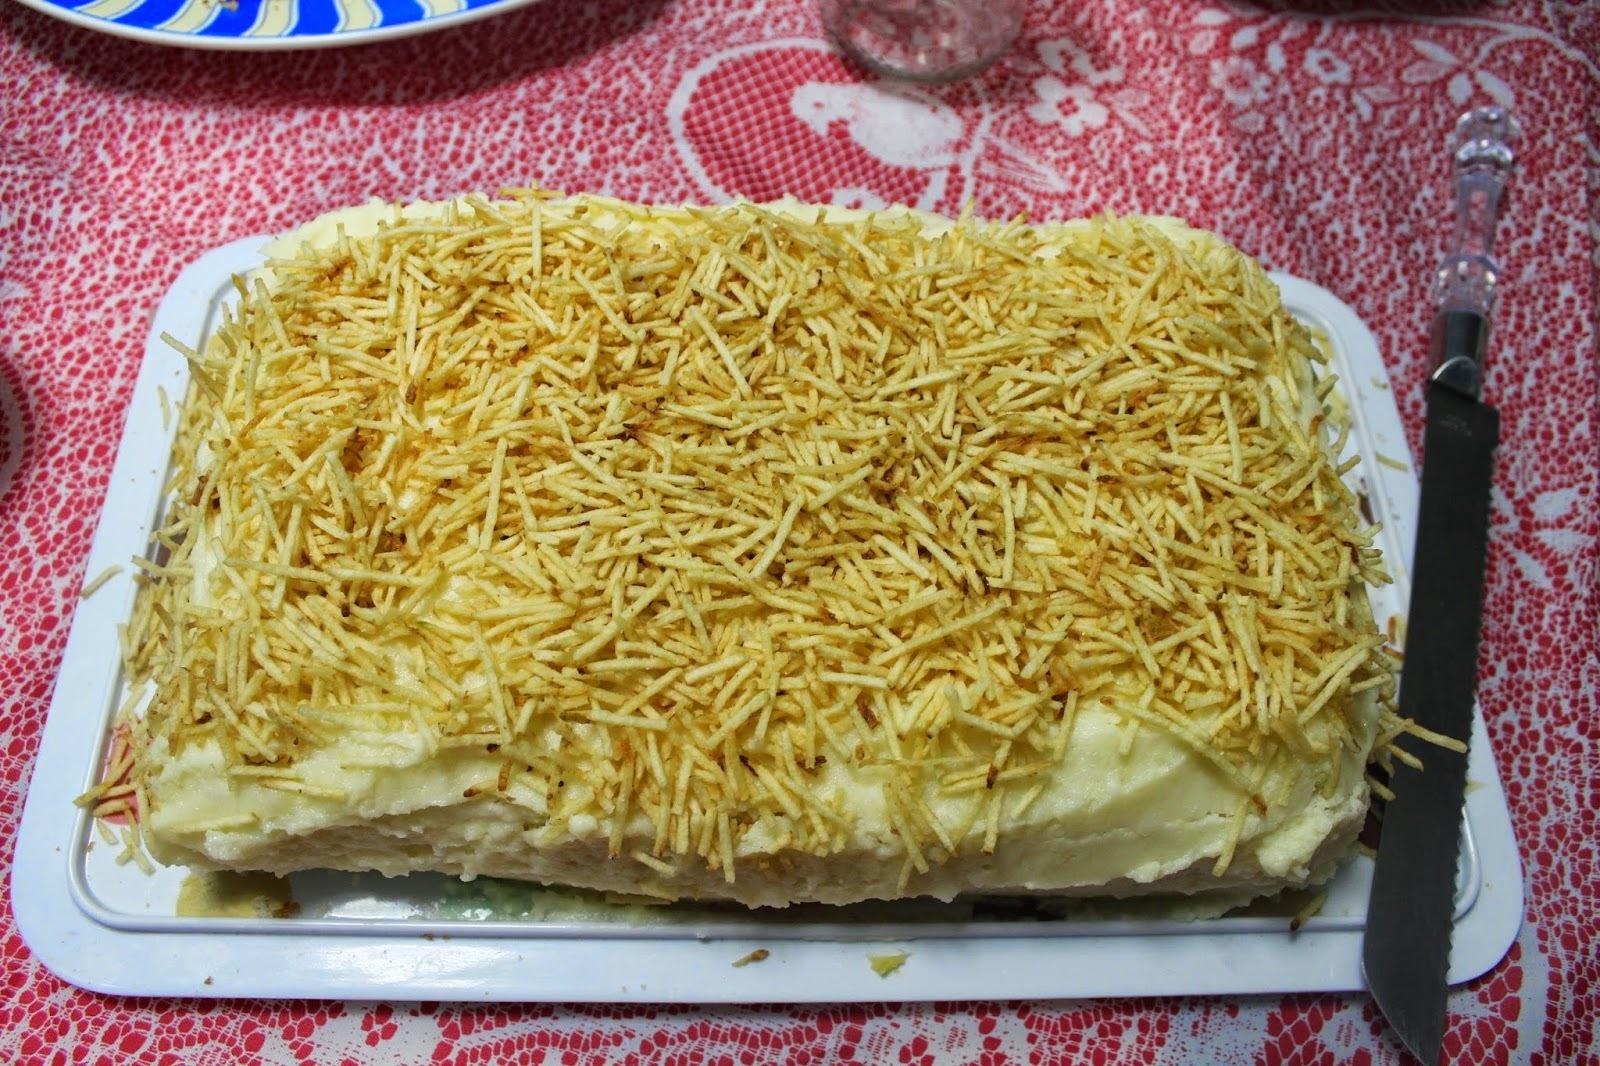 qual a quantidade de ingredientes para fazer um bolo salgado para 50 pessoas